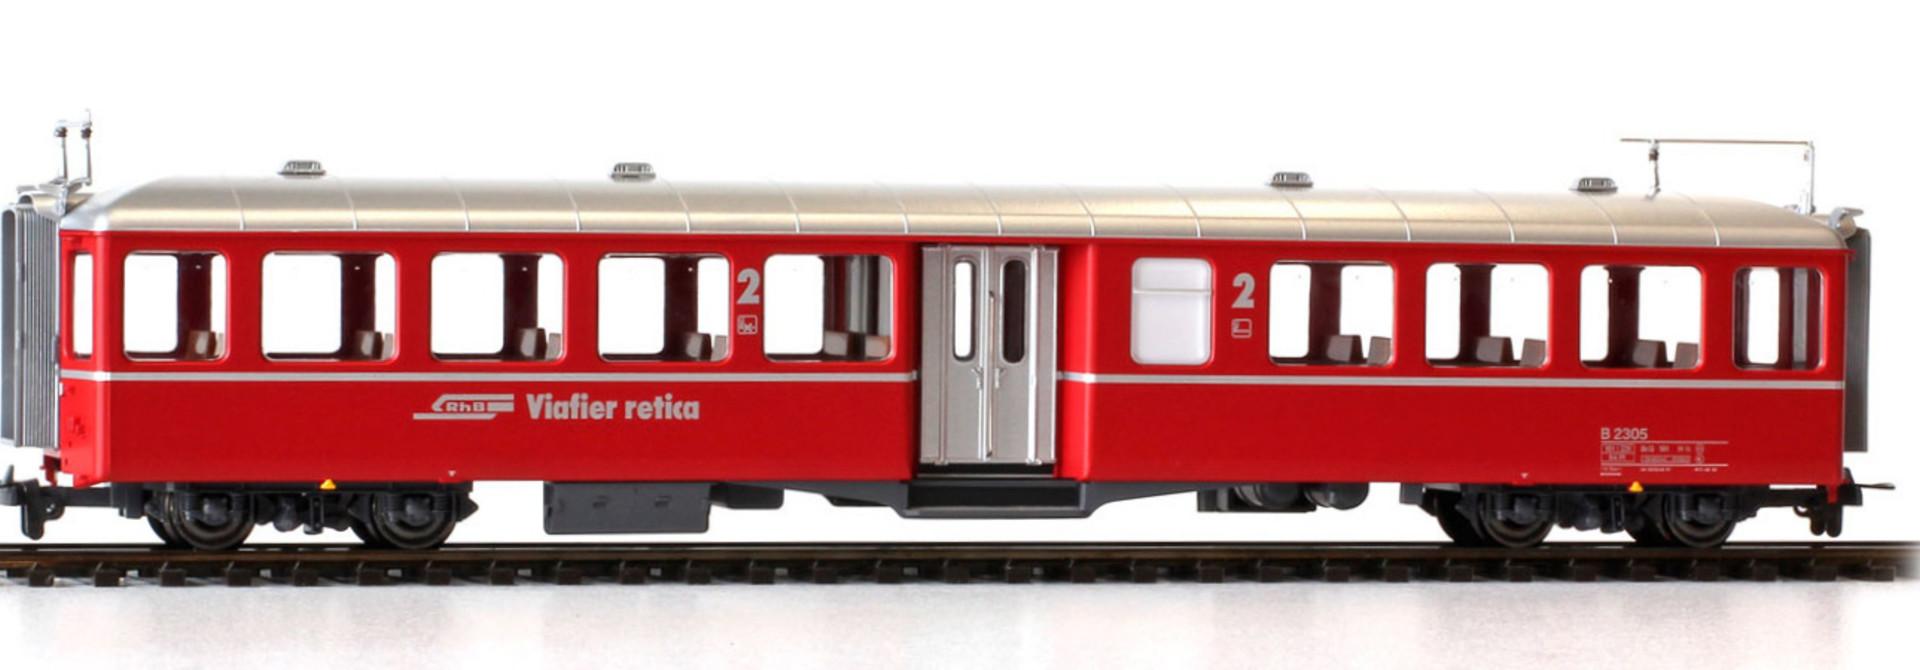 3245125 RhB B 2305 Mitteleinstiegswagen